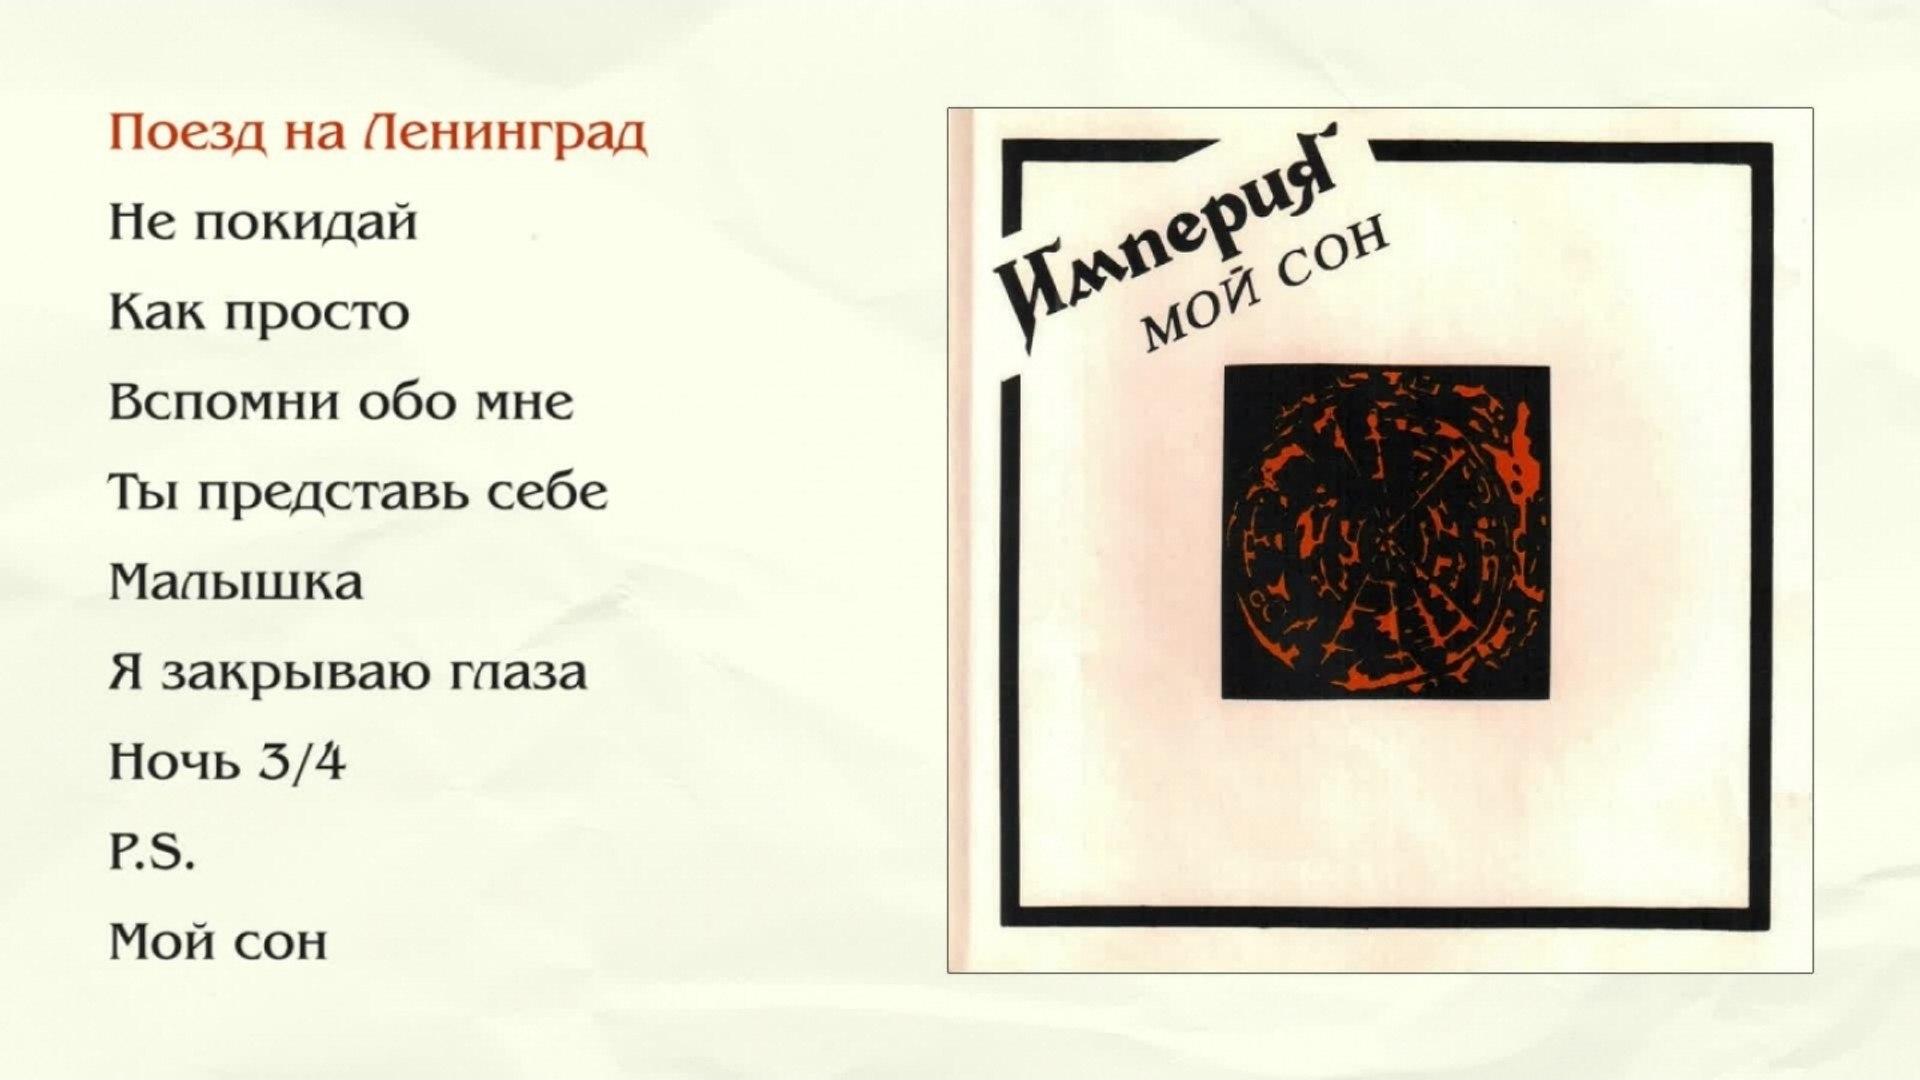 Империя - Мой сон (official audio album)